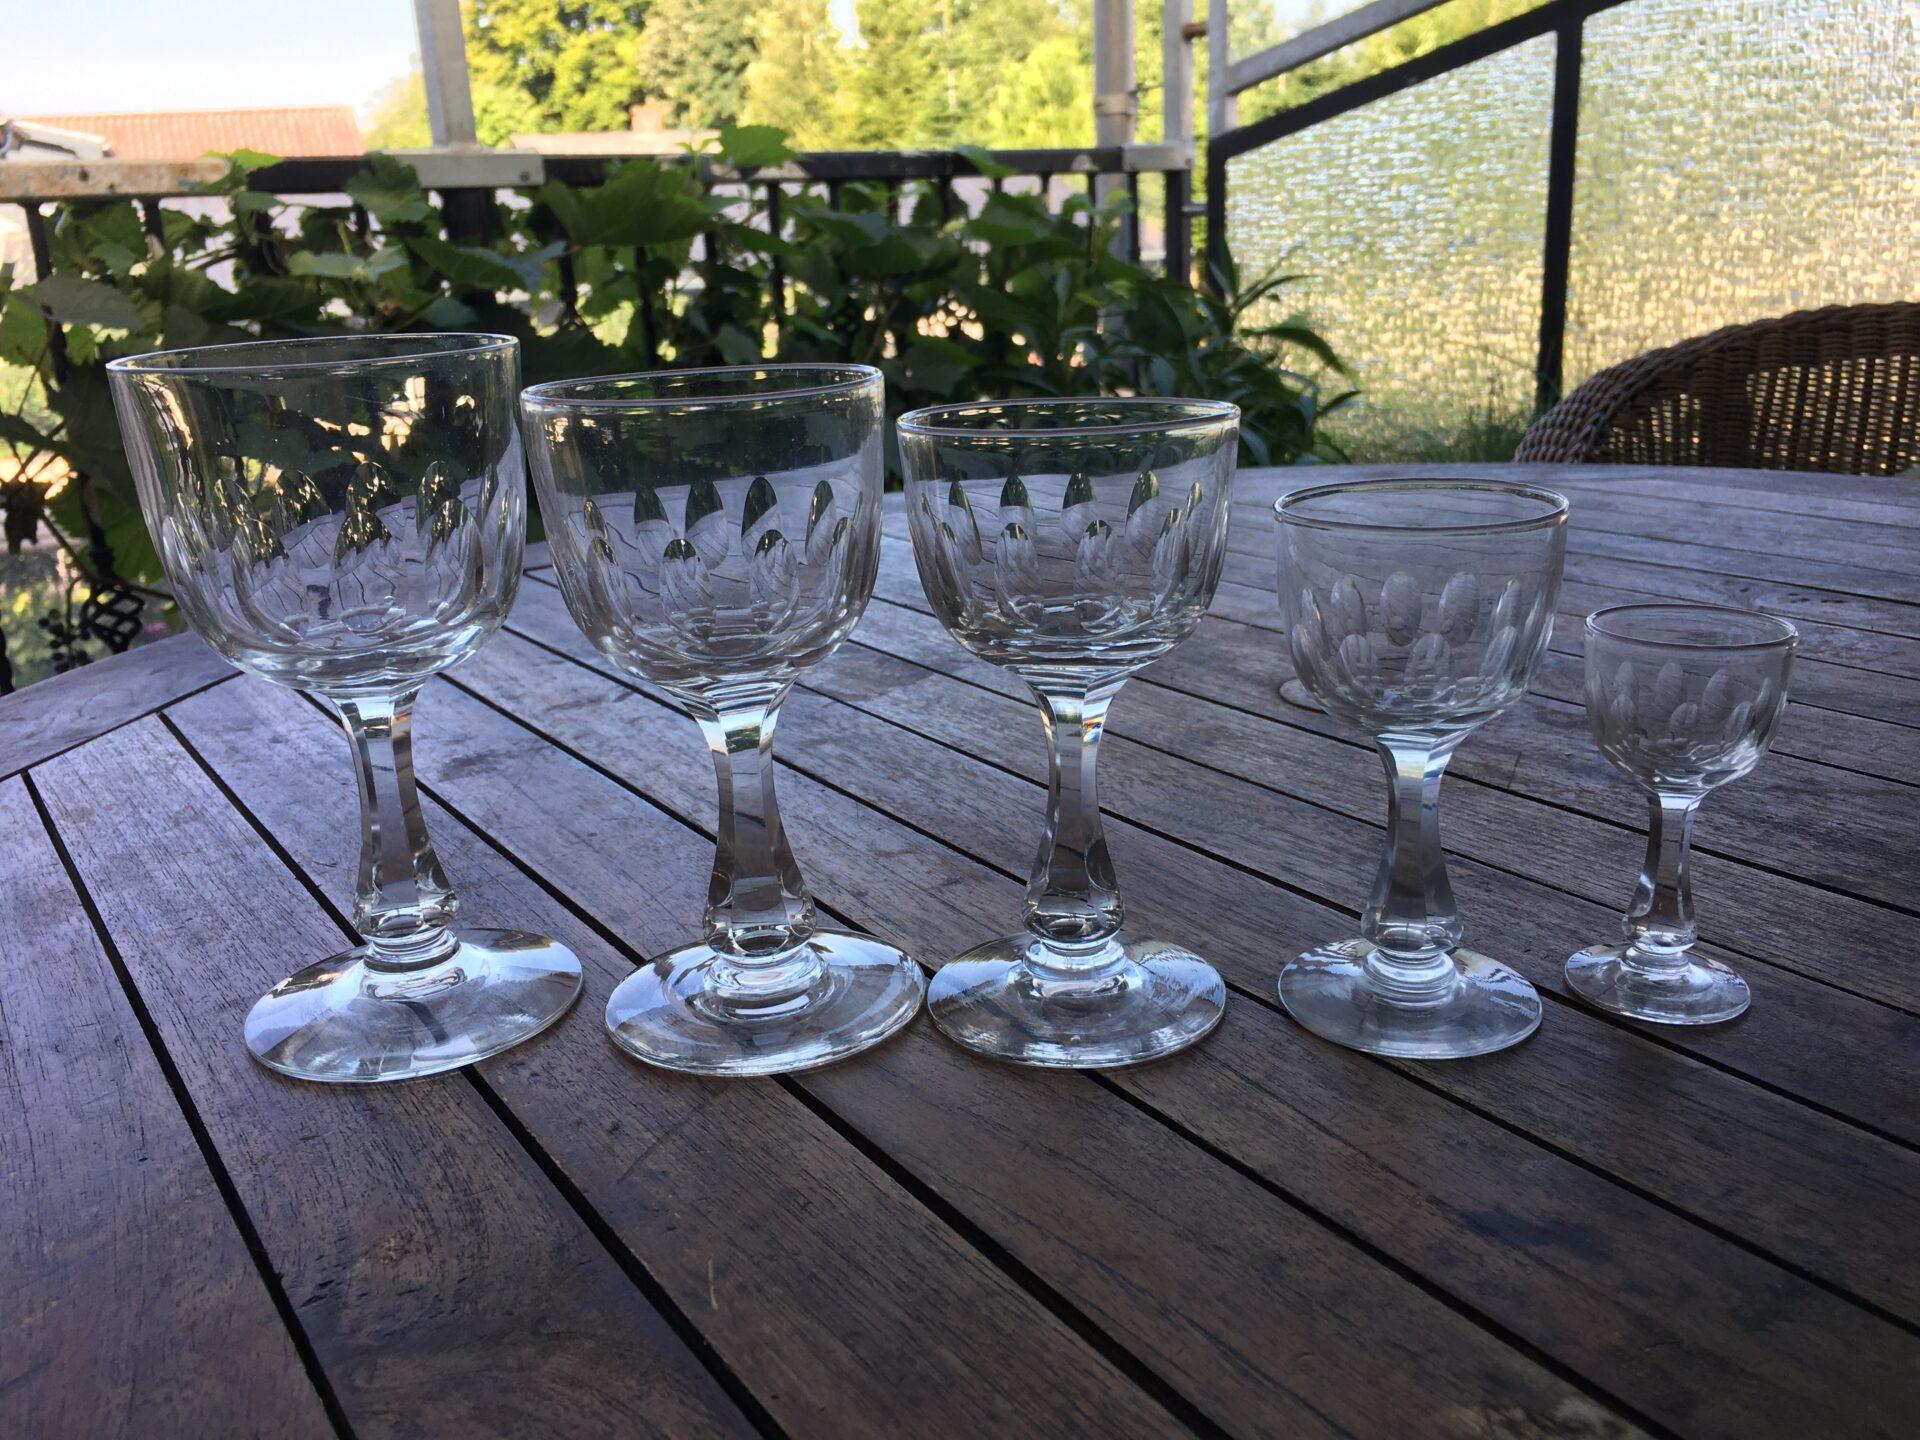 Anikke Derby glas, h=15,0/14,0/13,5/11,0/8,5 cm, pris 125/100/100/30/30 kr